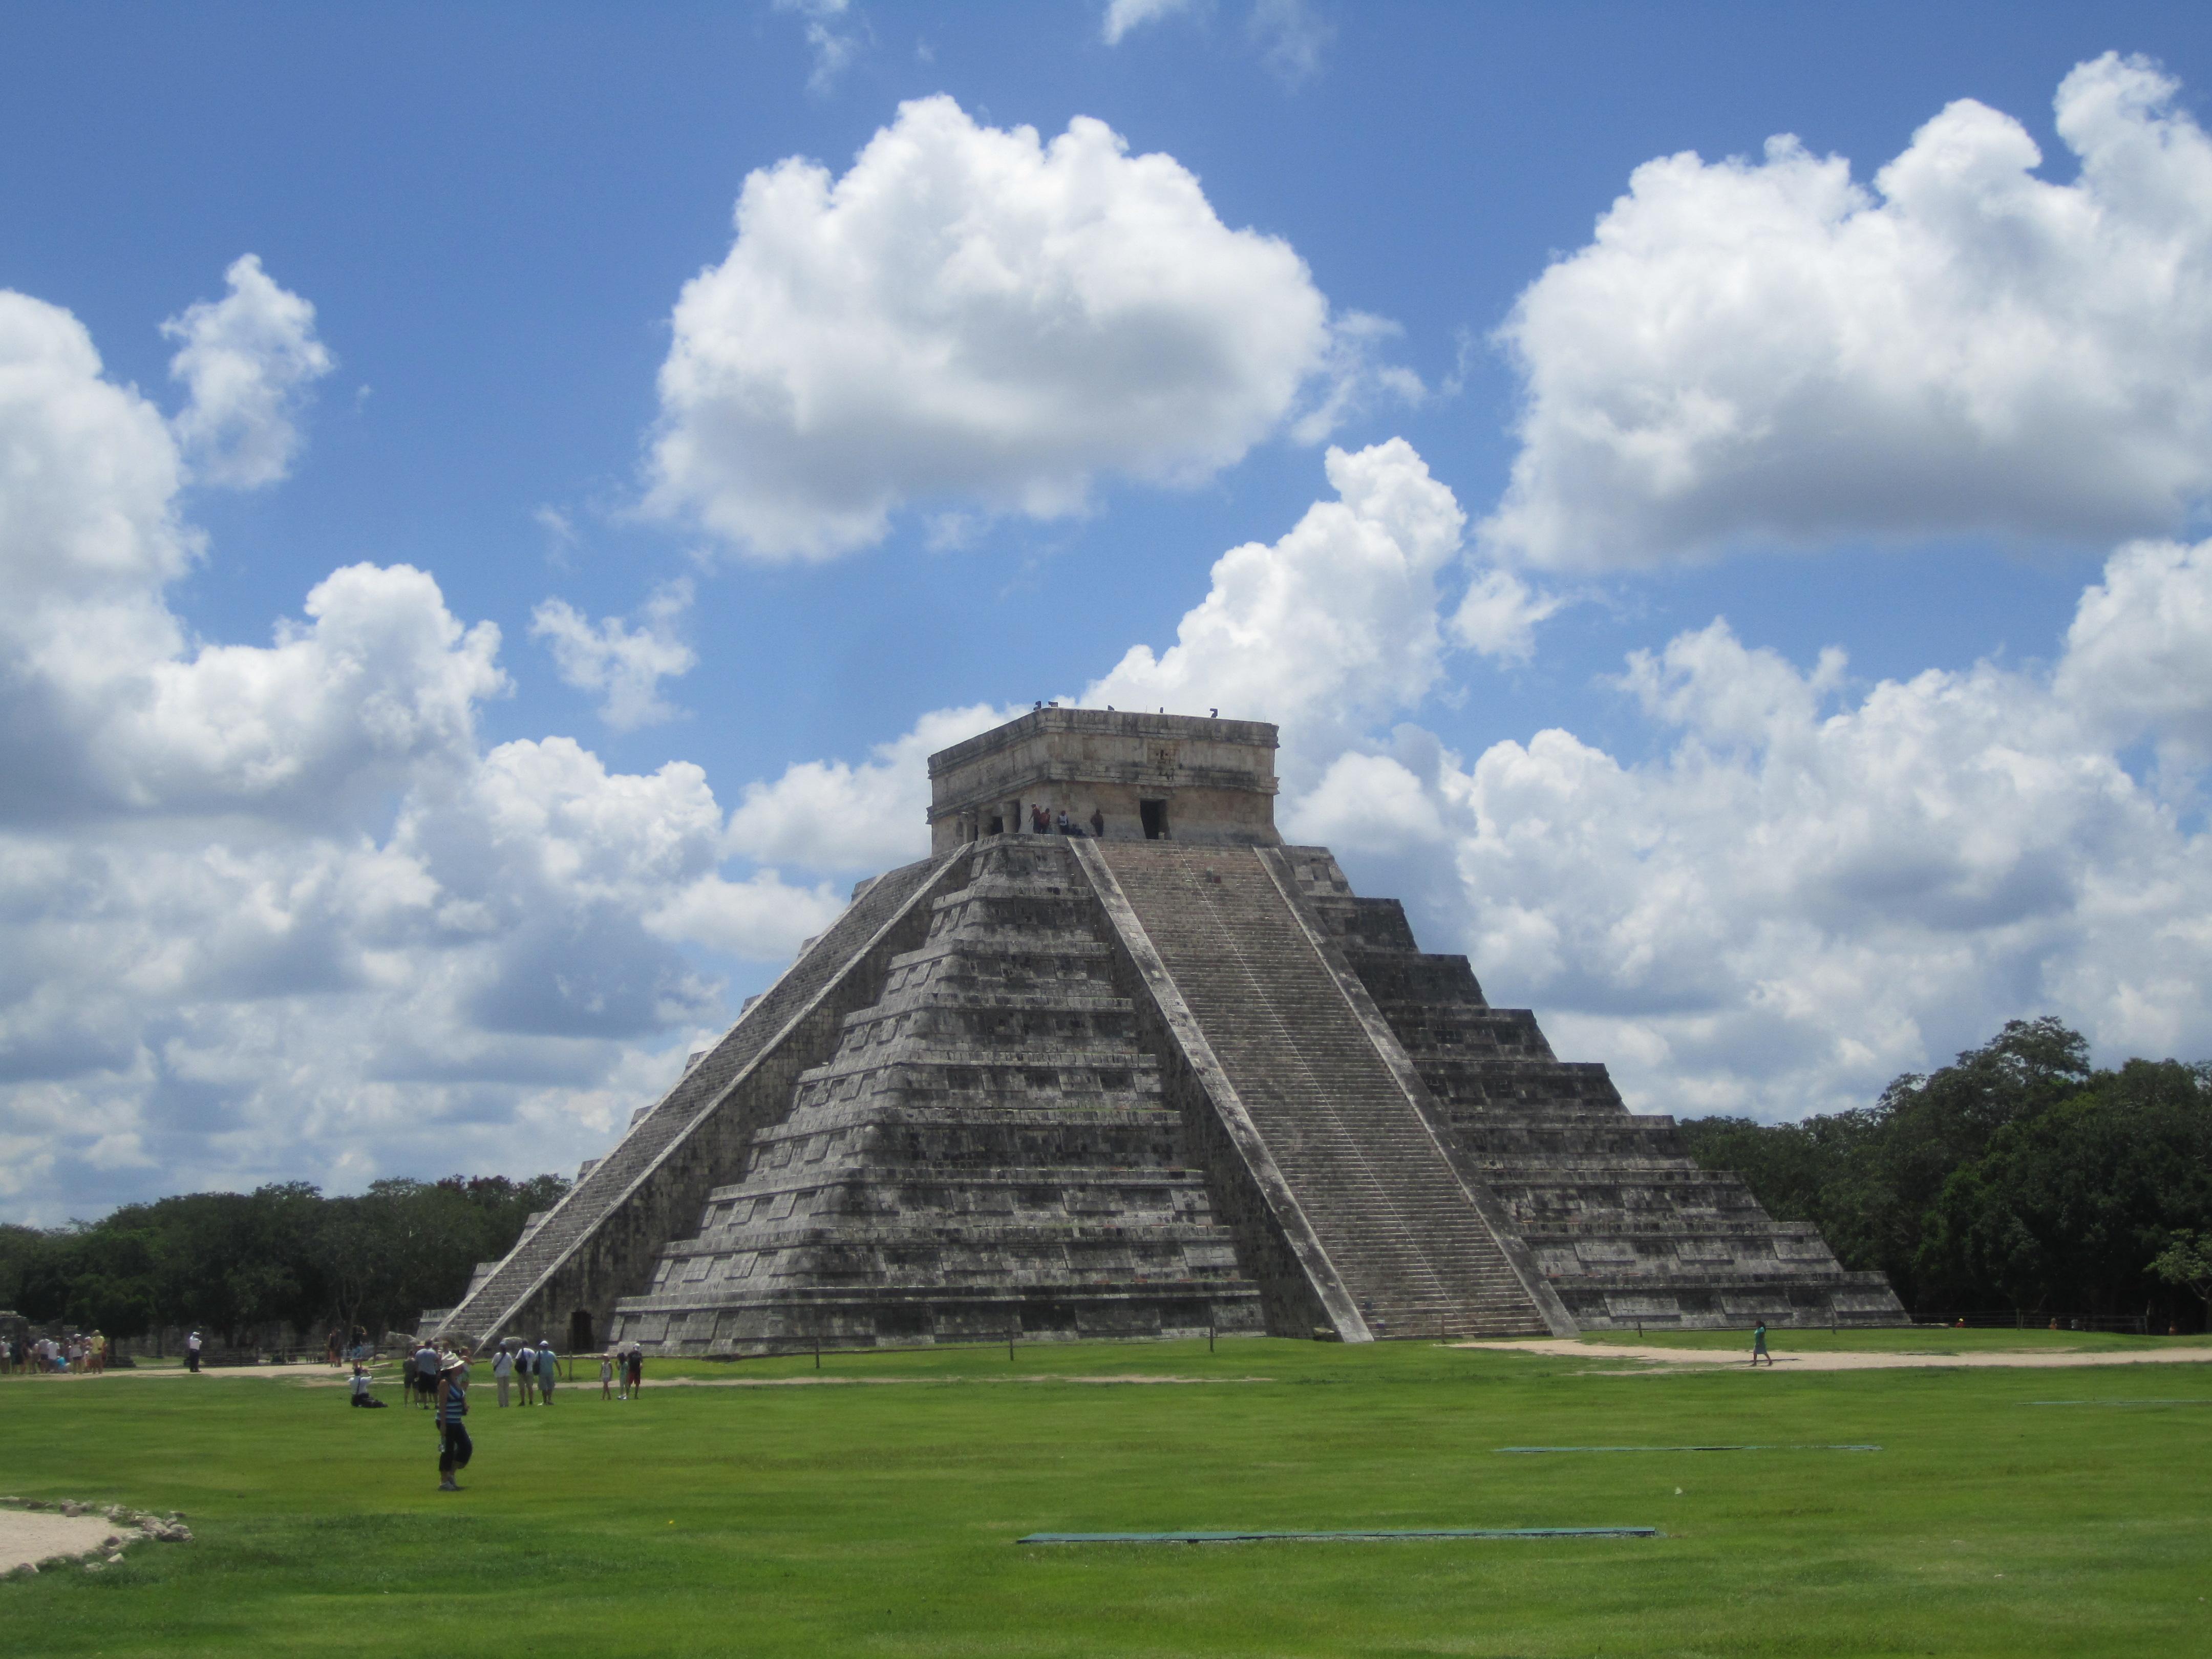 Maya summary